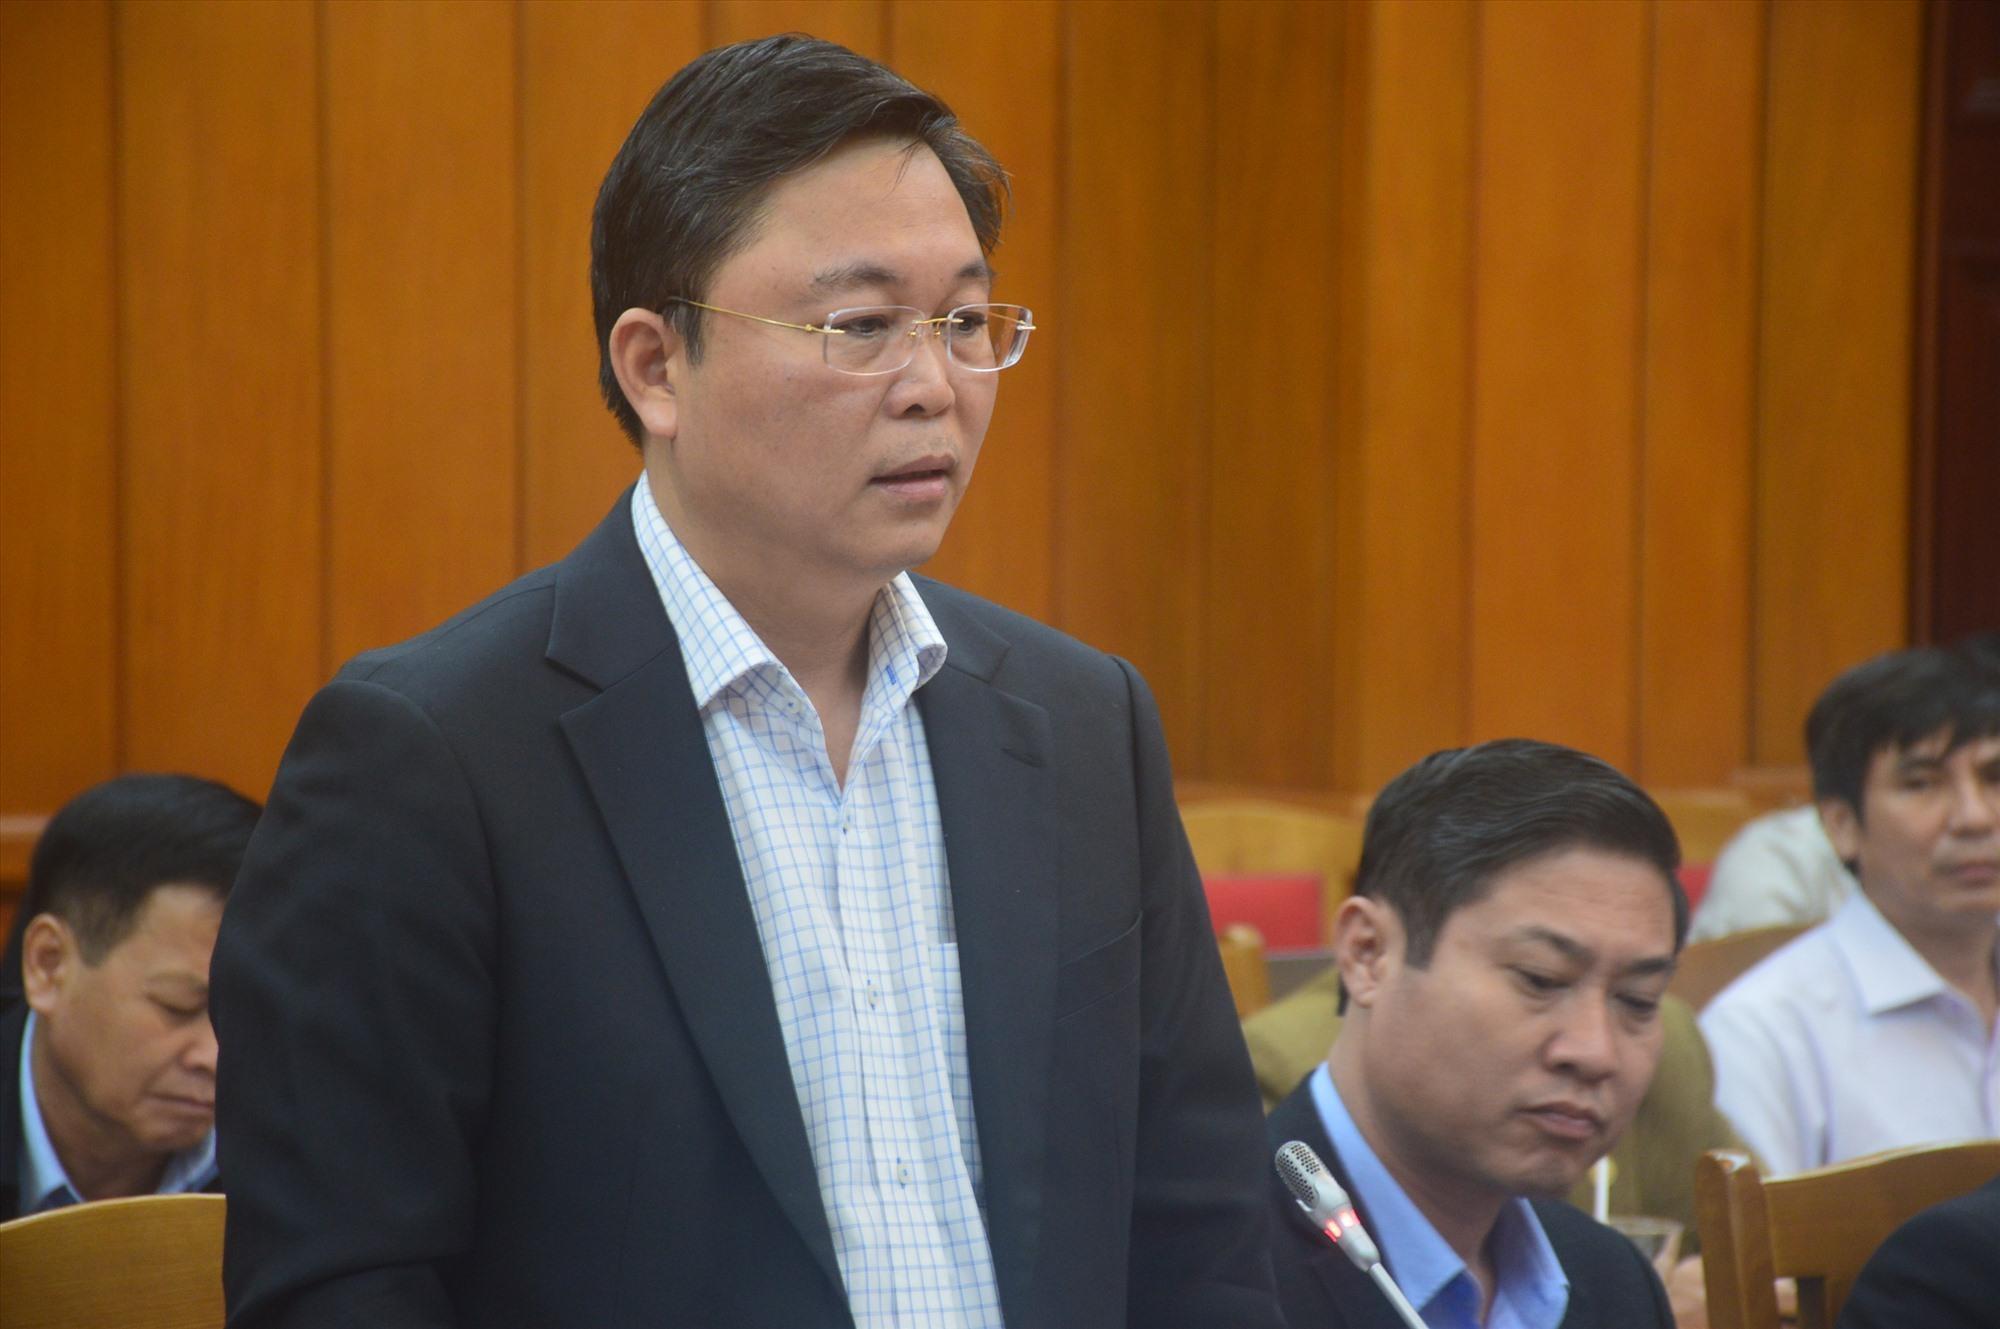 Chủ tịch UBND tỉnh Lê Trí Thanh phát biểu tại buổi làm việc. Ảnh: Q.T